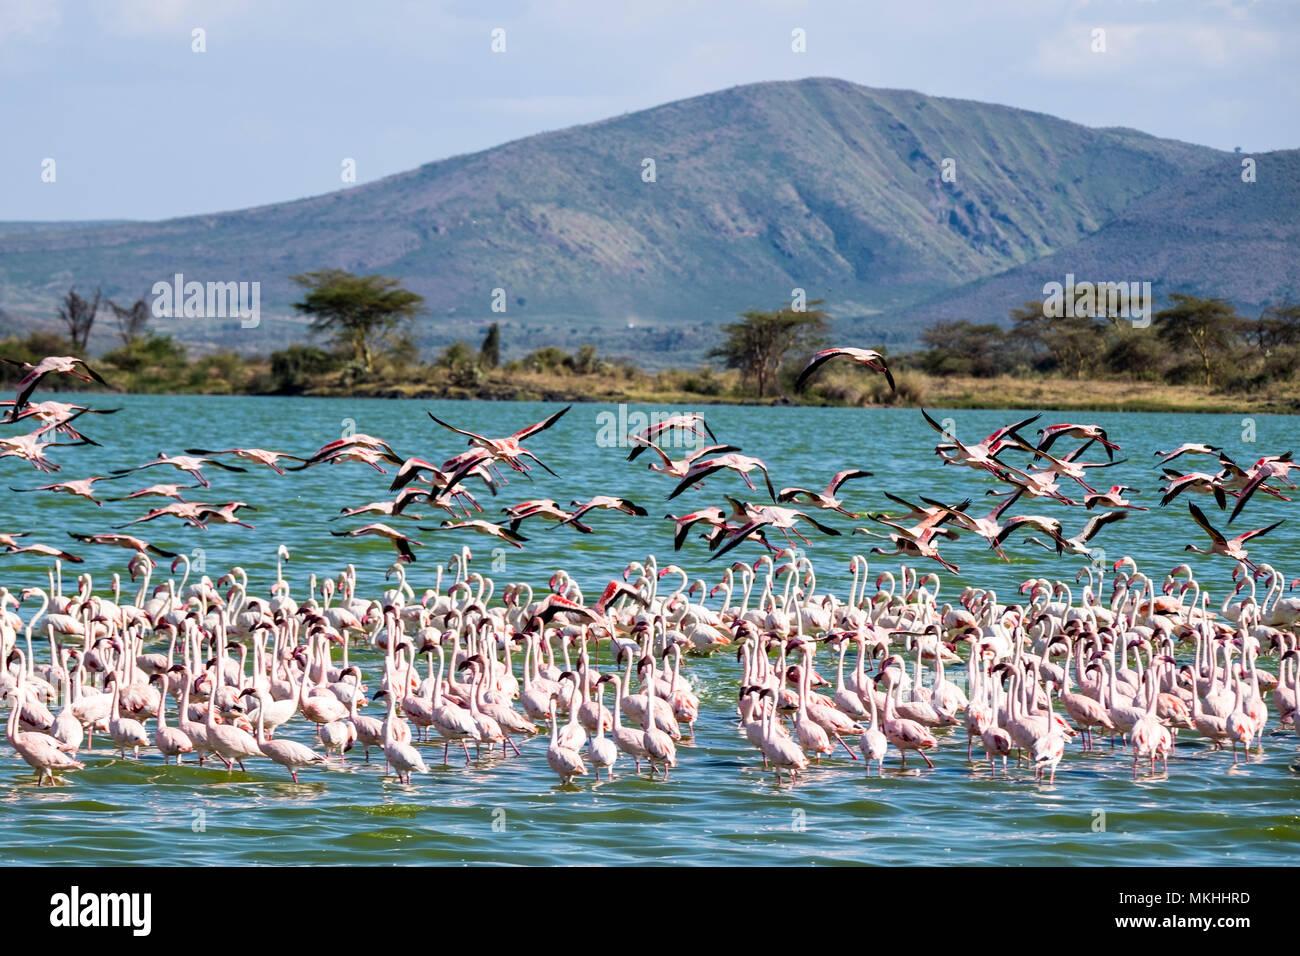 Lesser Flamingo (Phoeniconaias minore) e fenicottero maggiore (Phoenicopterus roseus), il lago Elmenteita, Soysambu Area di Conservazione, Kenya Immagini Stock